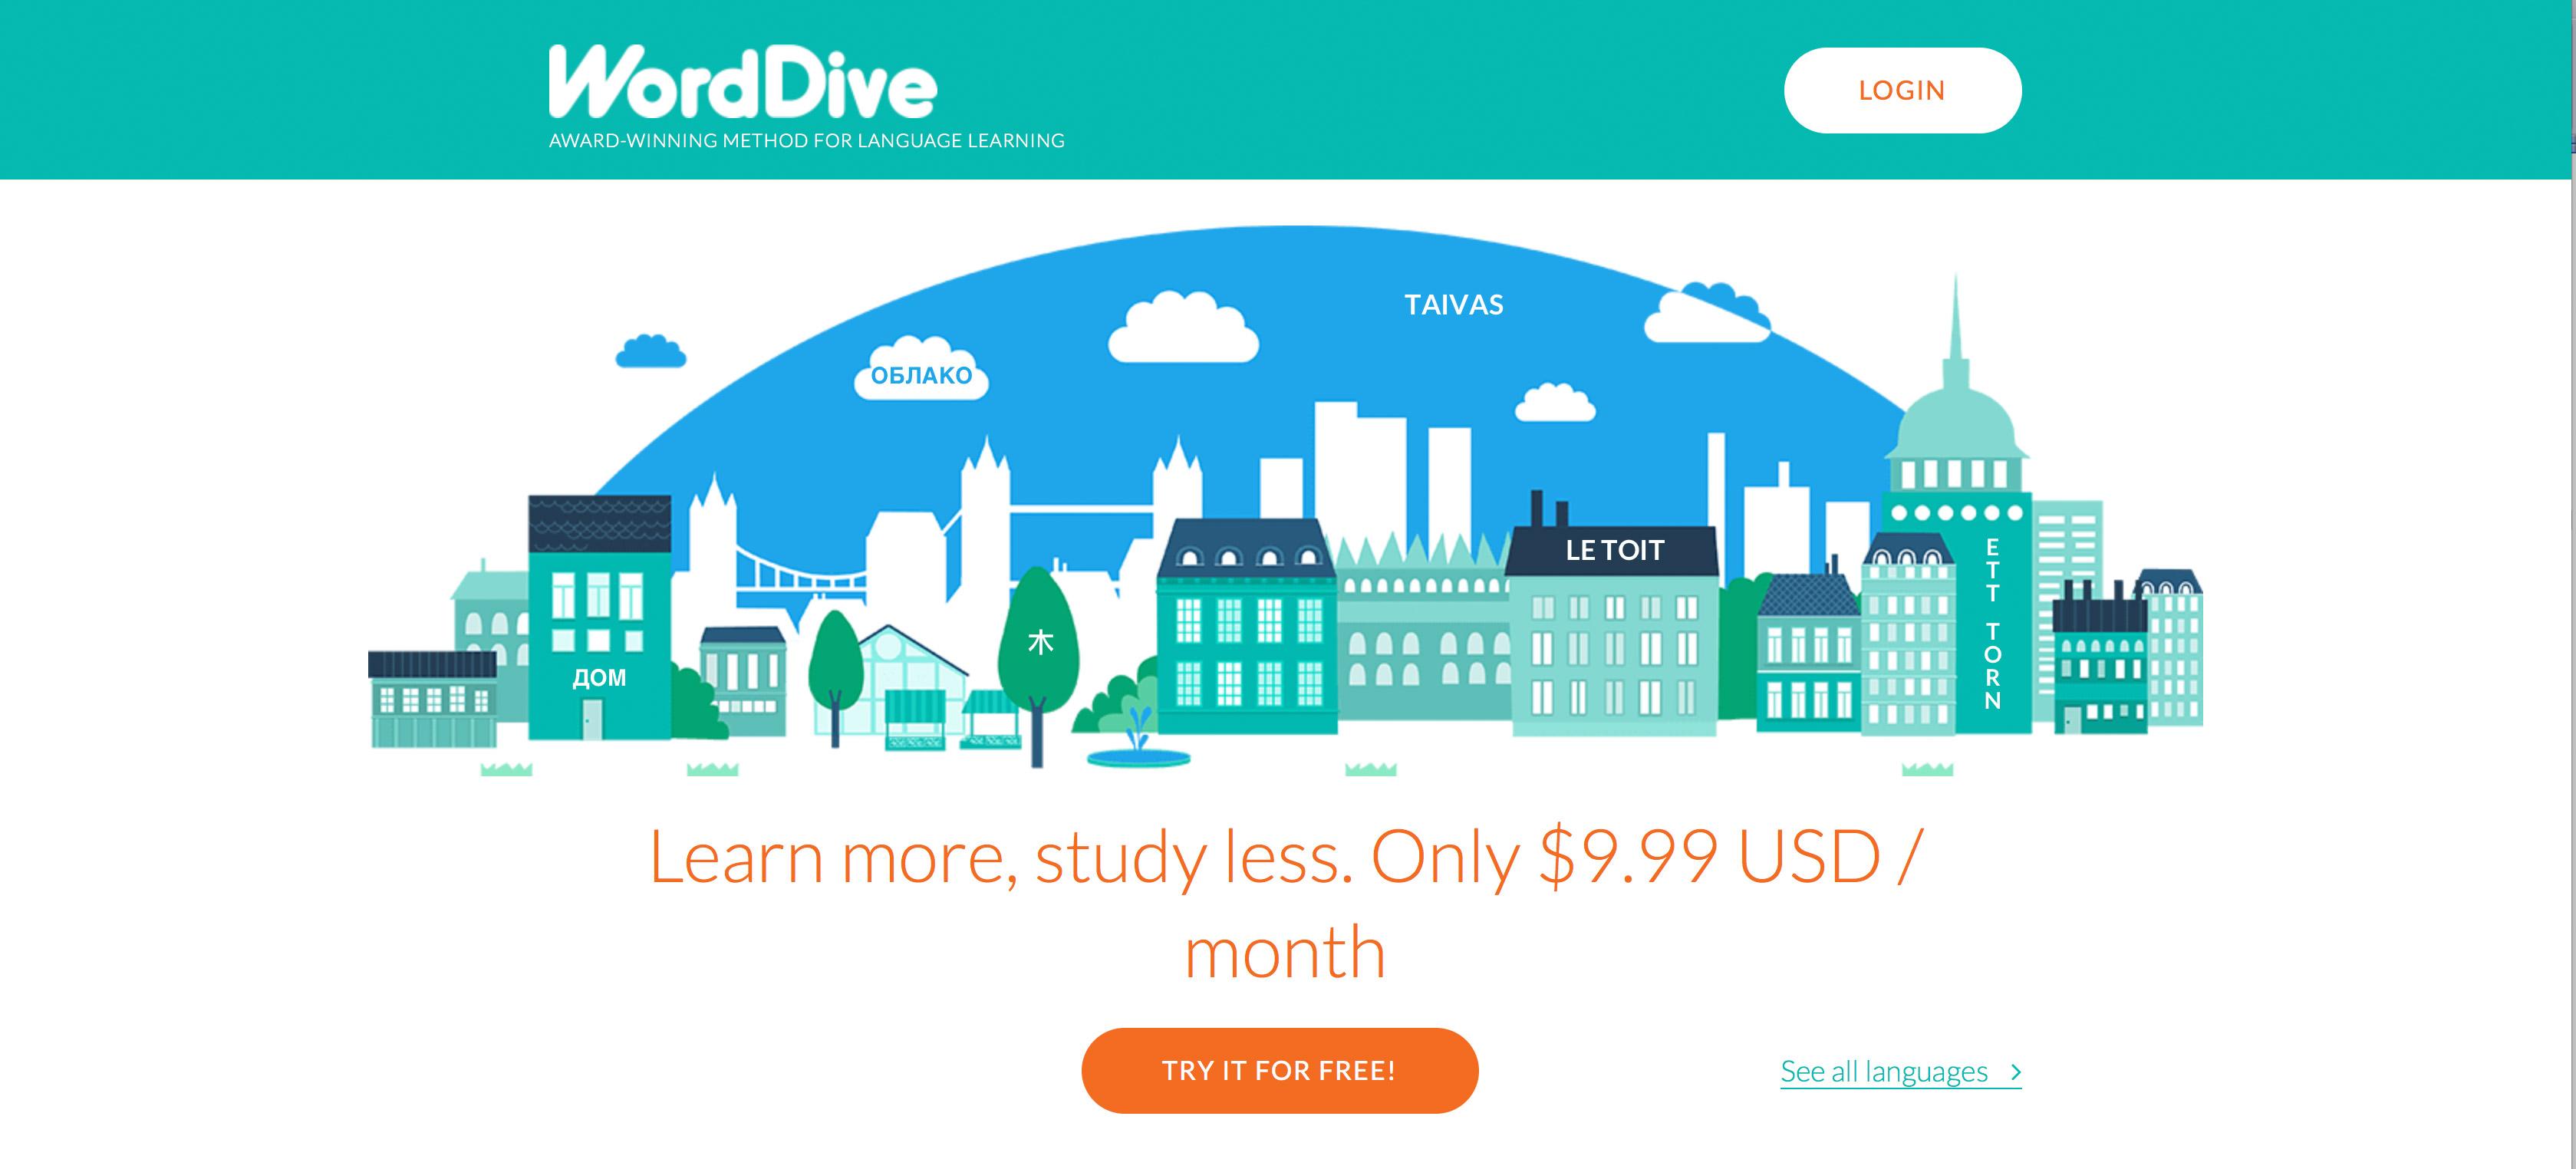 WordDive homepage - en